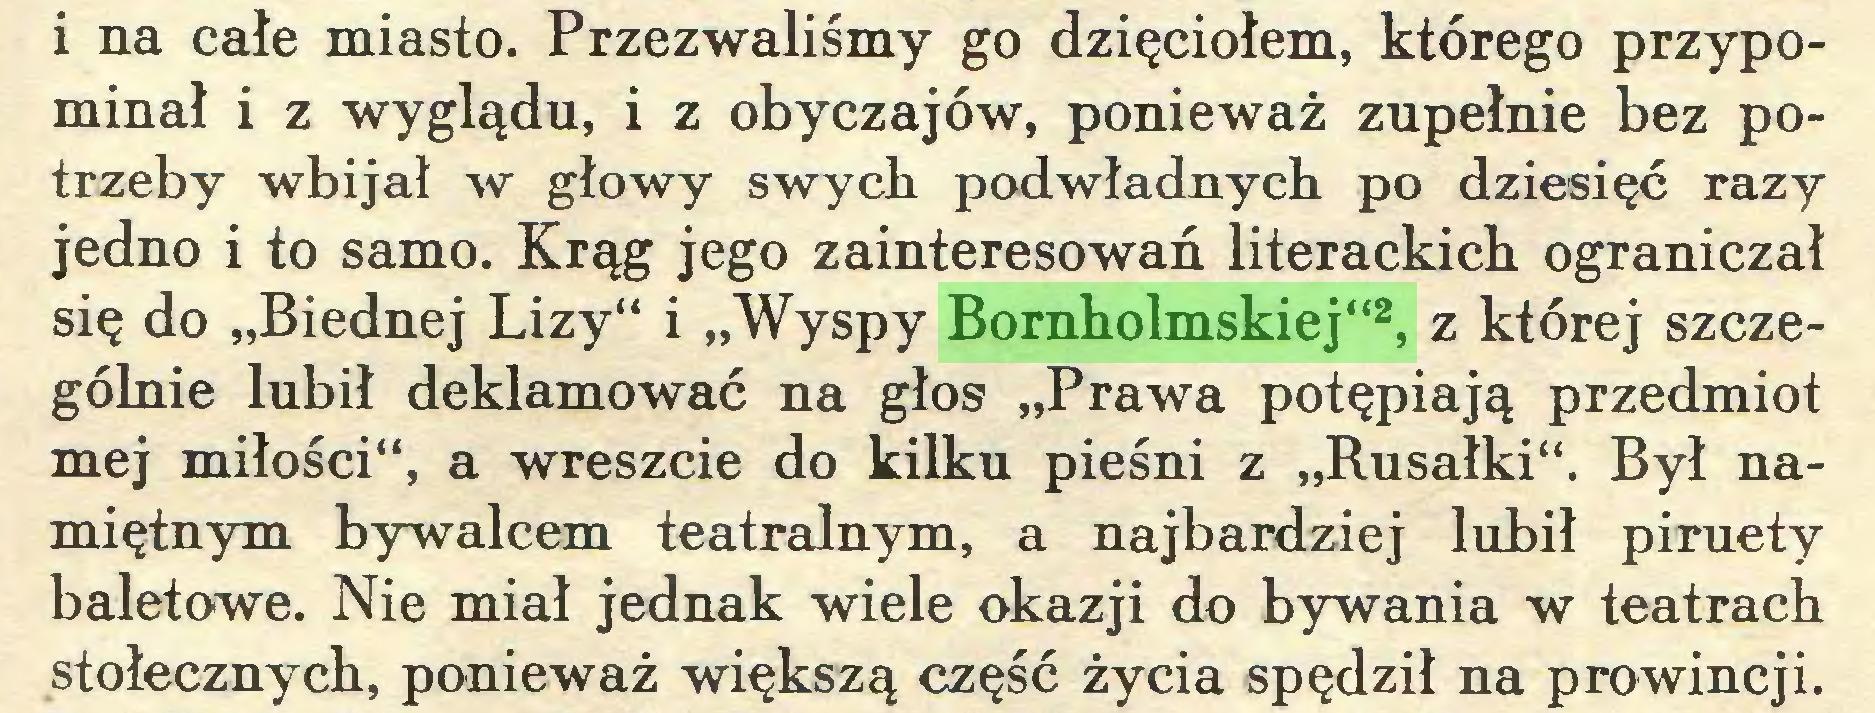 """(...) i na całe miasto. Przezwaliśmy go dzięciołem, którego przypominał i z wyglądu, i z obyczajów, ponieważ zupełnie bez potrzeby wbijał w głowy swych podwładnych po dziesięć razy jedno i to samo. Krąg jego zainteresowań literackich ograniczał się do """"Biednej Lizy"""" i """"Wyspy Bornholmskiej""""2, z której szczególnie lubił deklamować na głos """"Prawa potępiają przedmiot mej miłości"""", a wreszcie do kilku pieśni z """"Rusałki"""". Był namiętnym bywalcem teatralnym, a najbardziej lubił piruety baletowe. Nie miał jednak wiele okazji do bywania w teatrach stołecznych, ponieważ większą część życia spędził na prowincji..."""